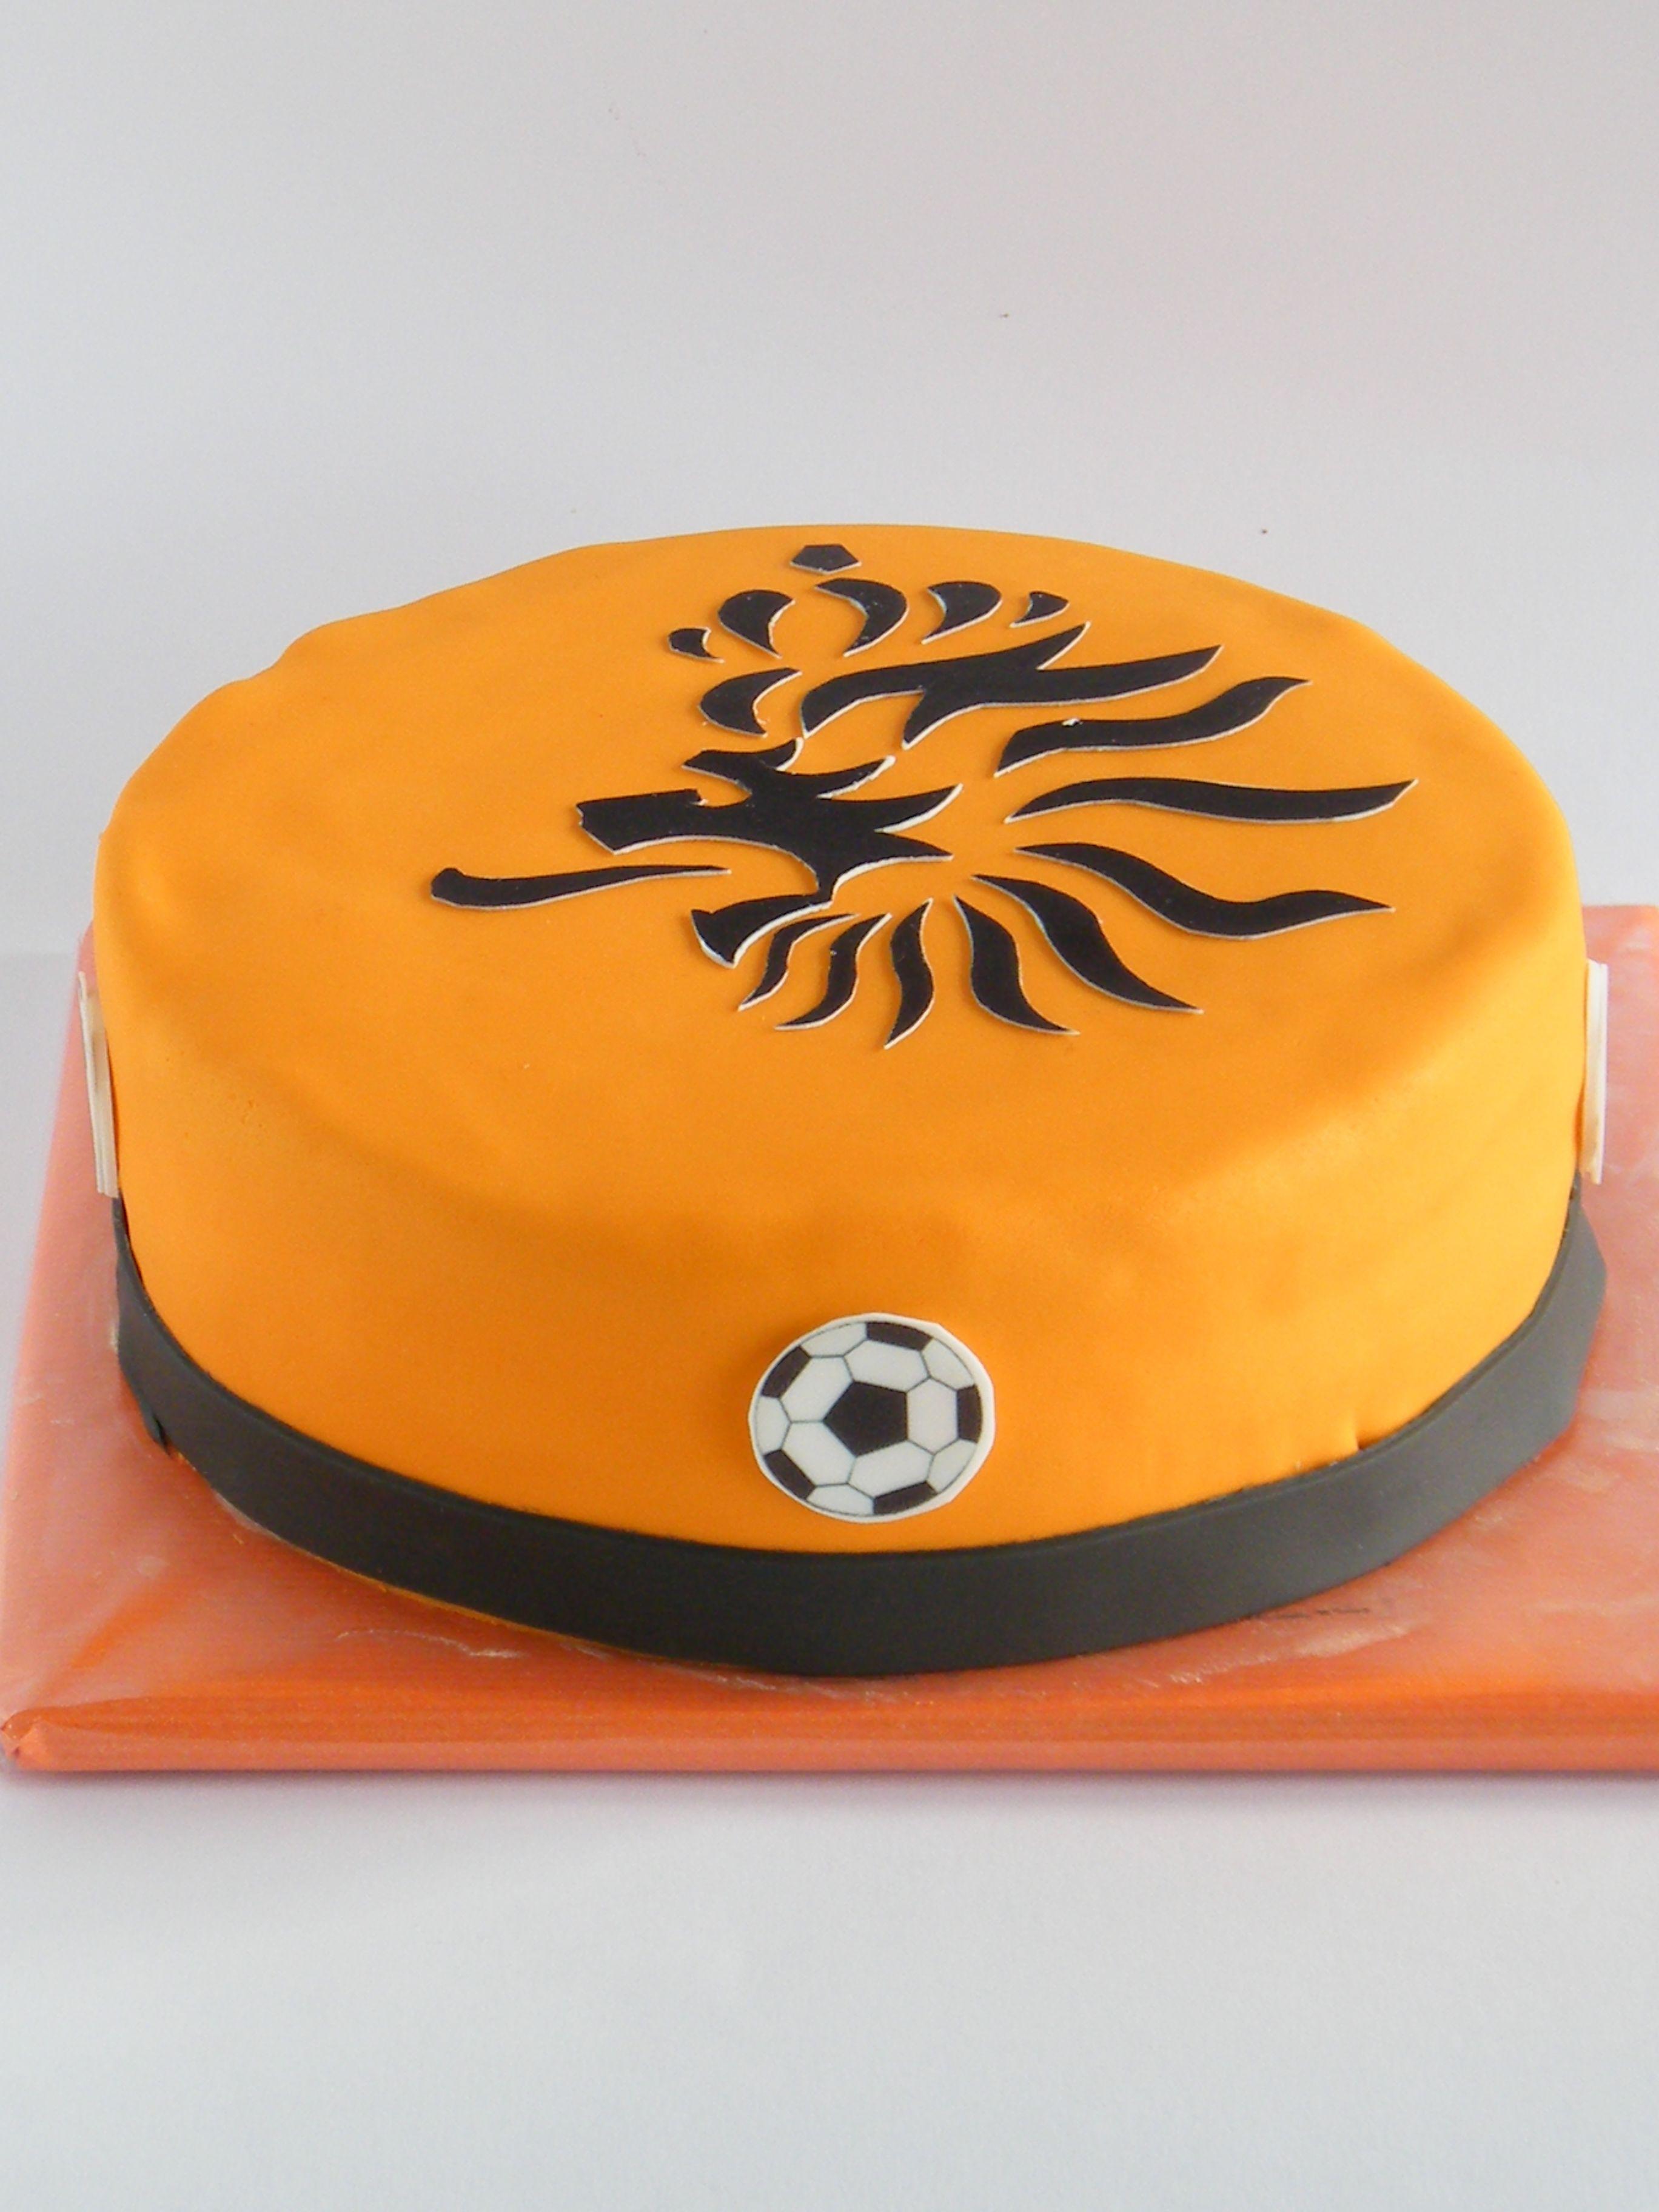 Dutch EK cake